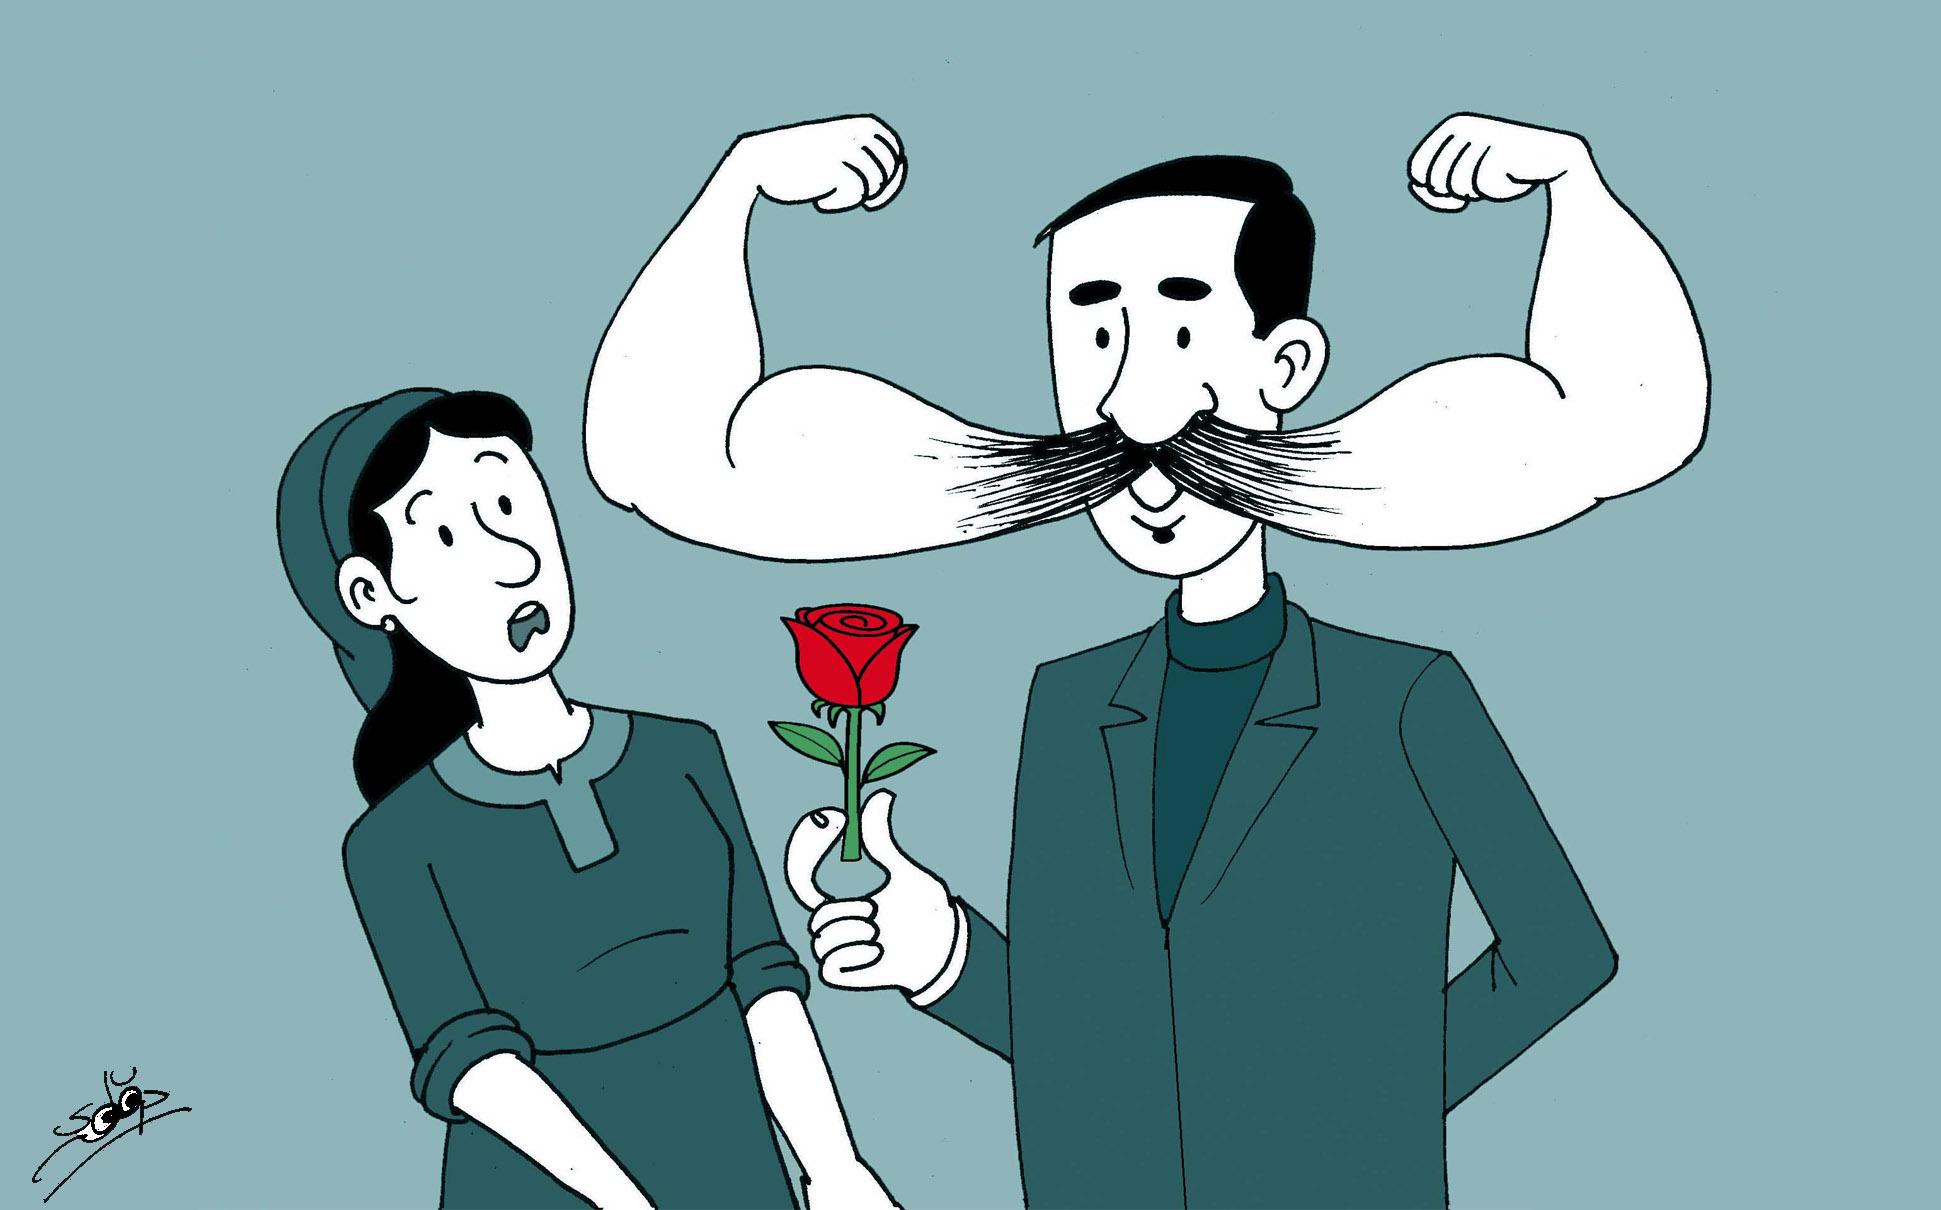 المرأة والمجتمع الذكوري